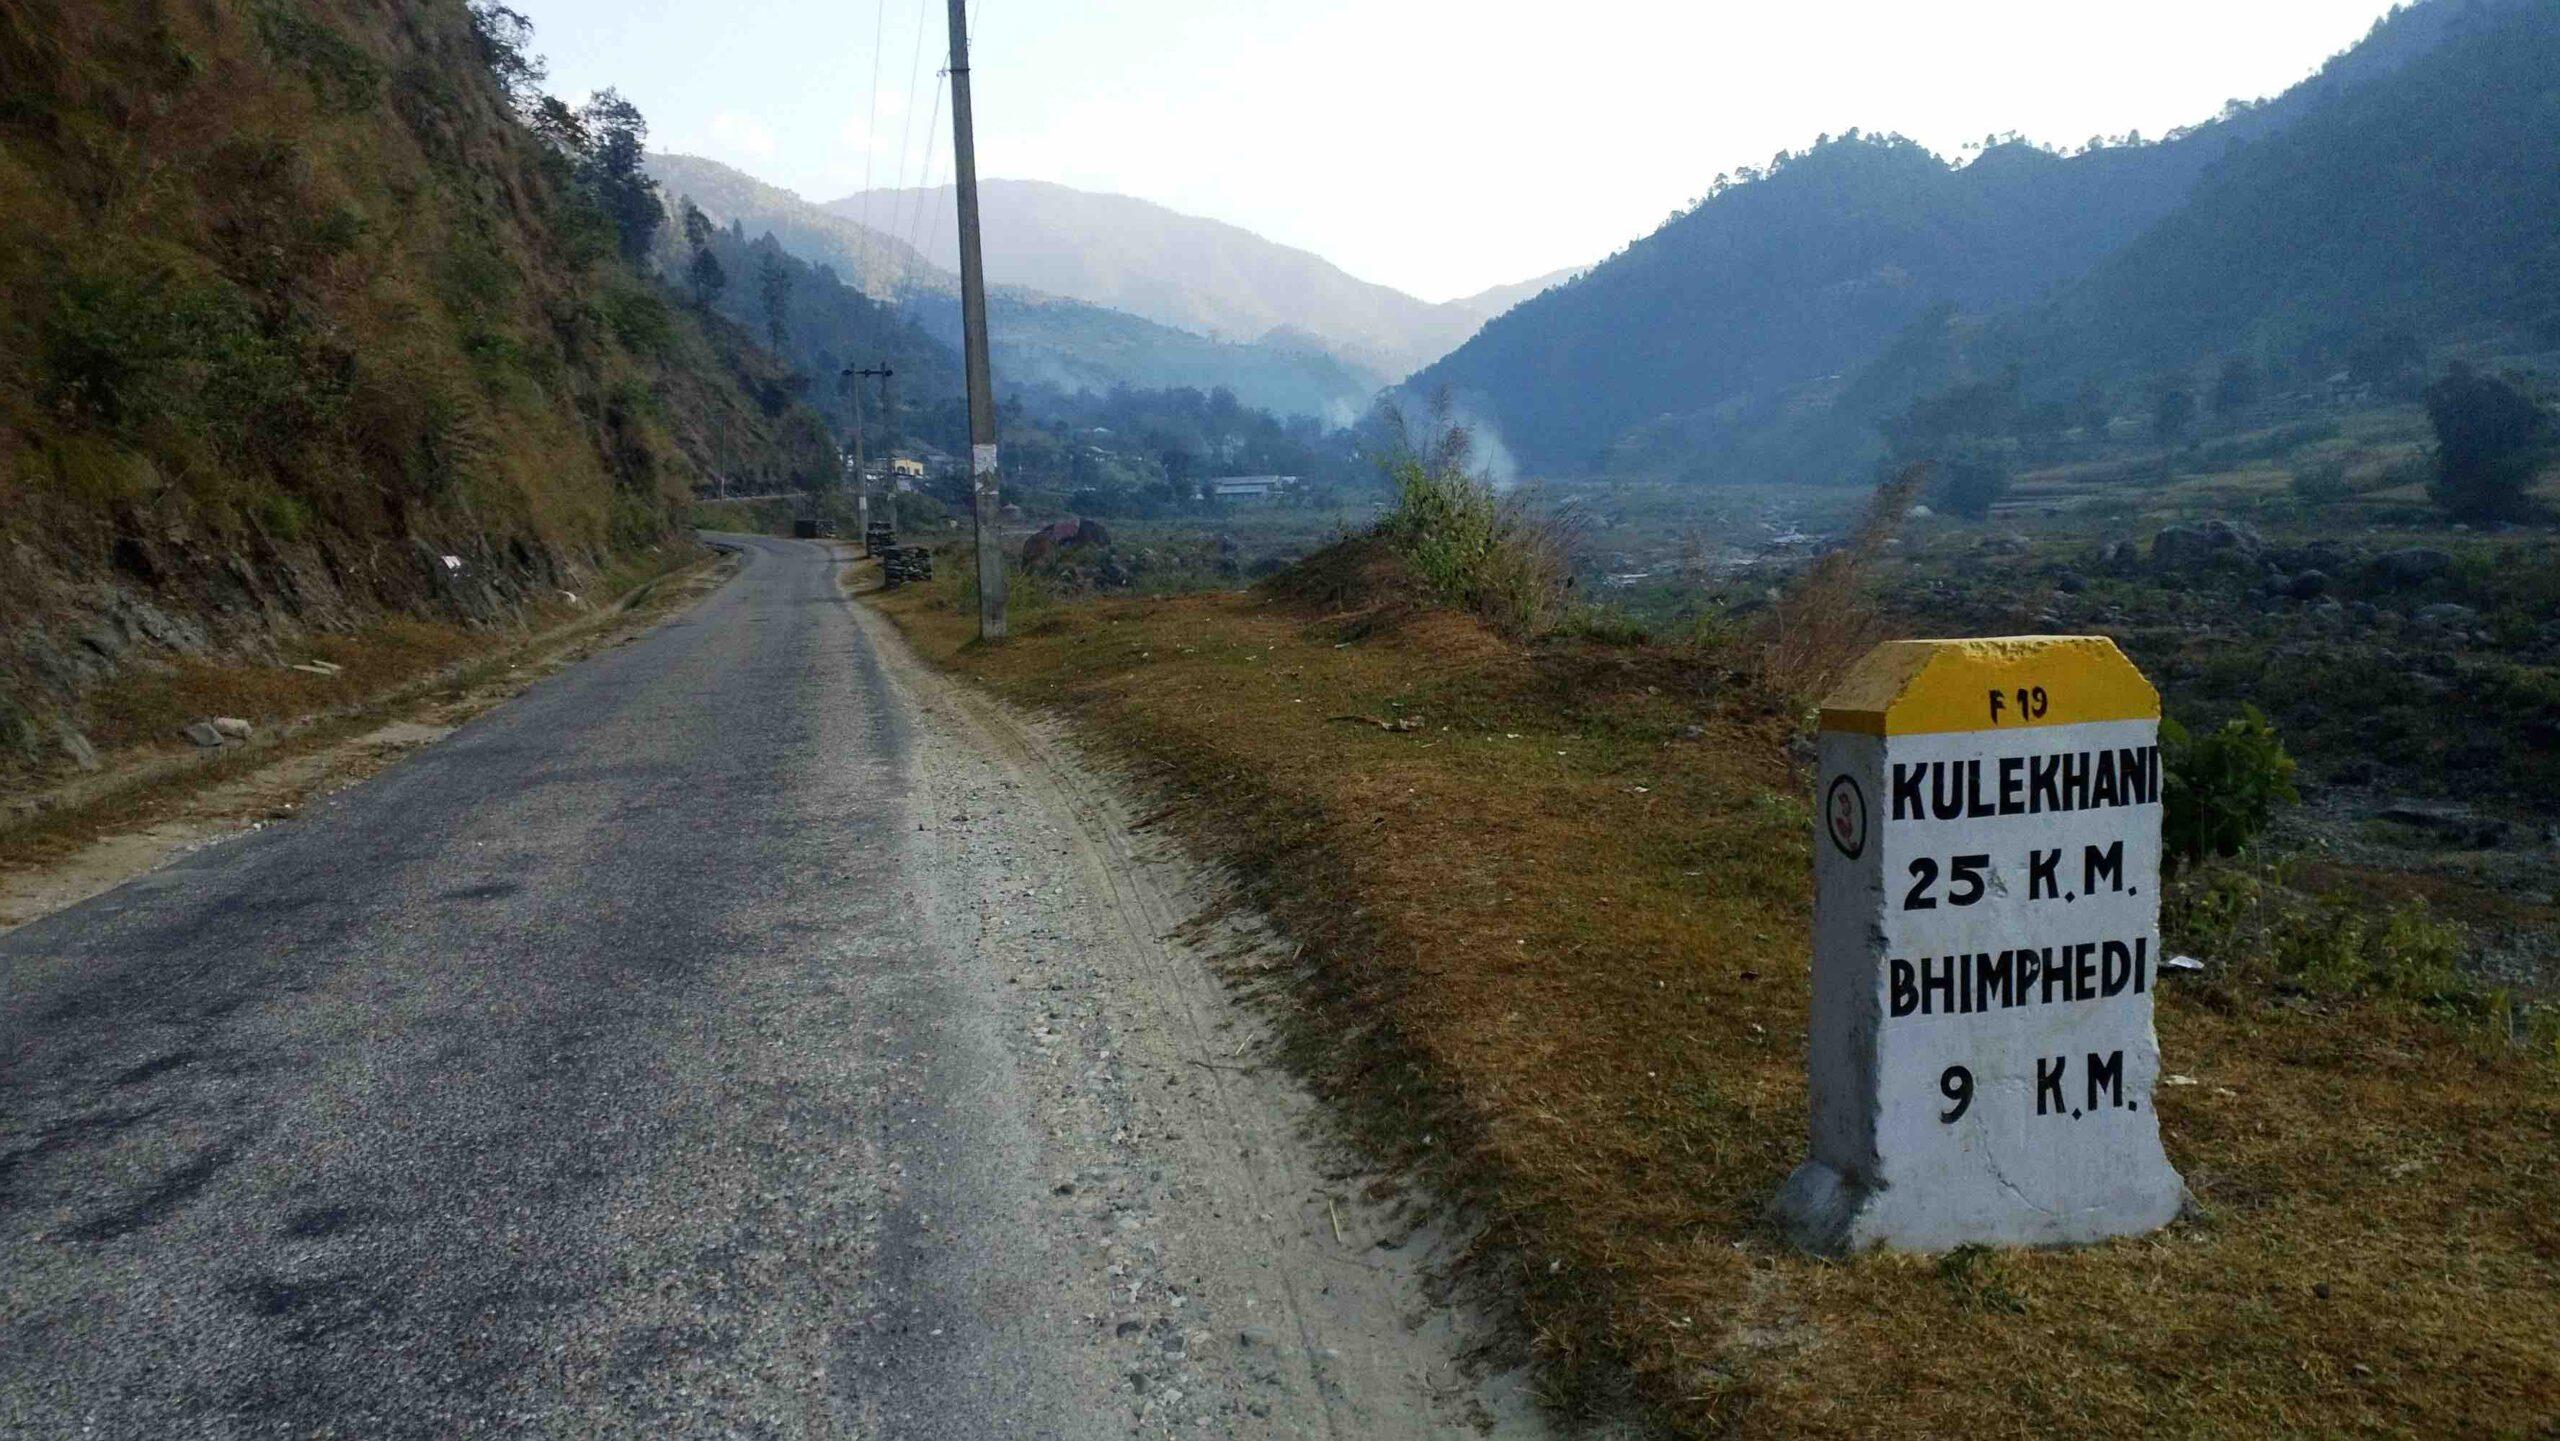 bhimphedi kulekhani road scaled